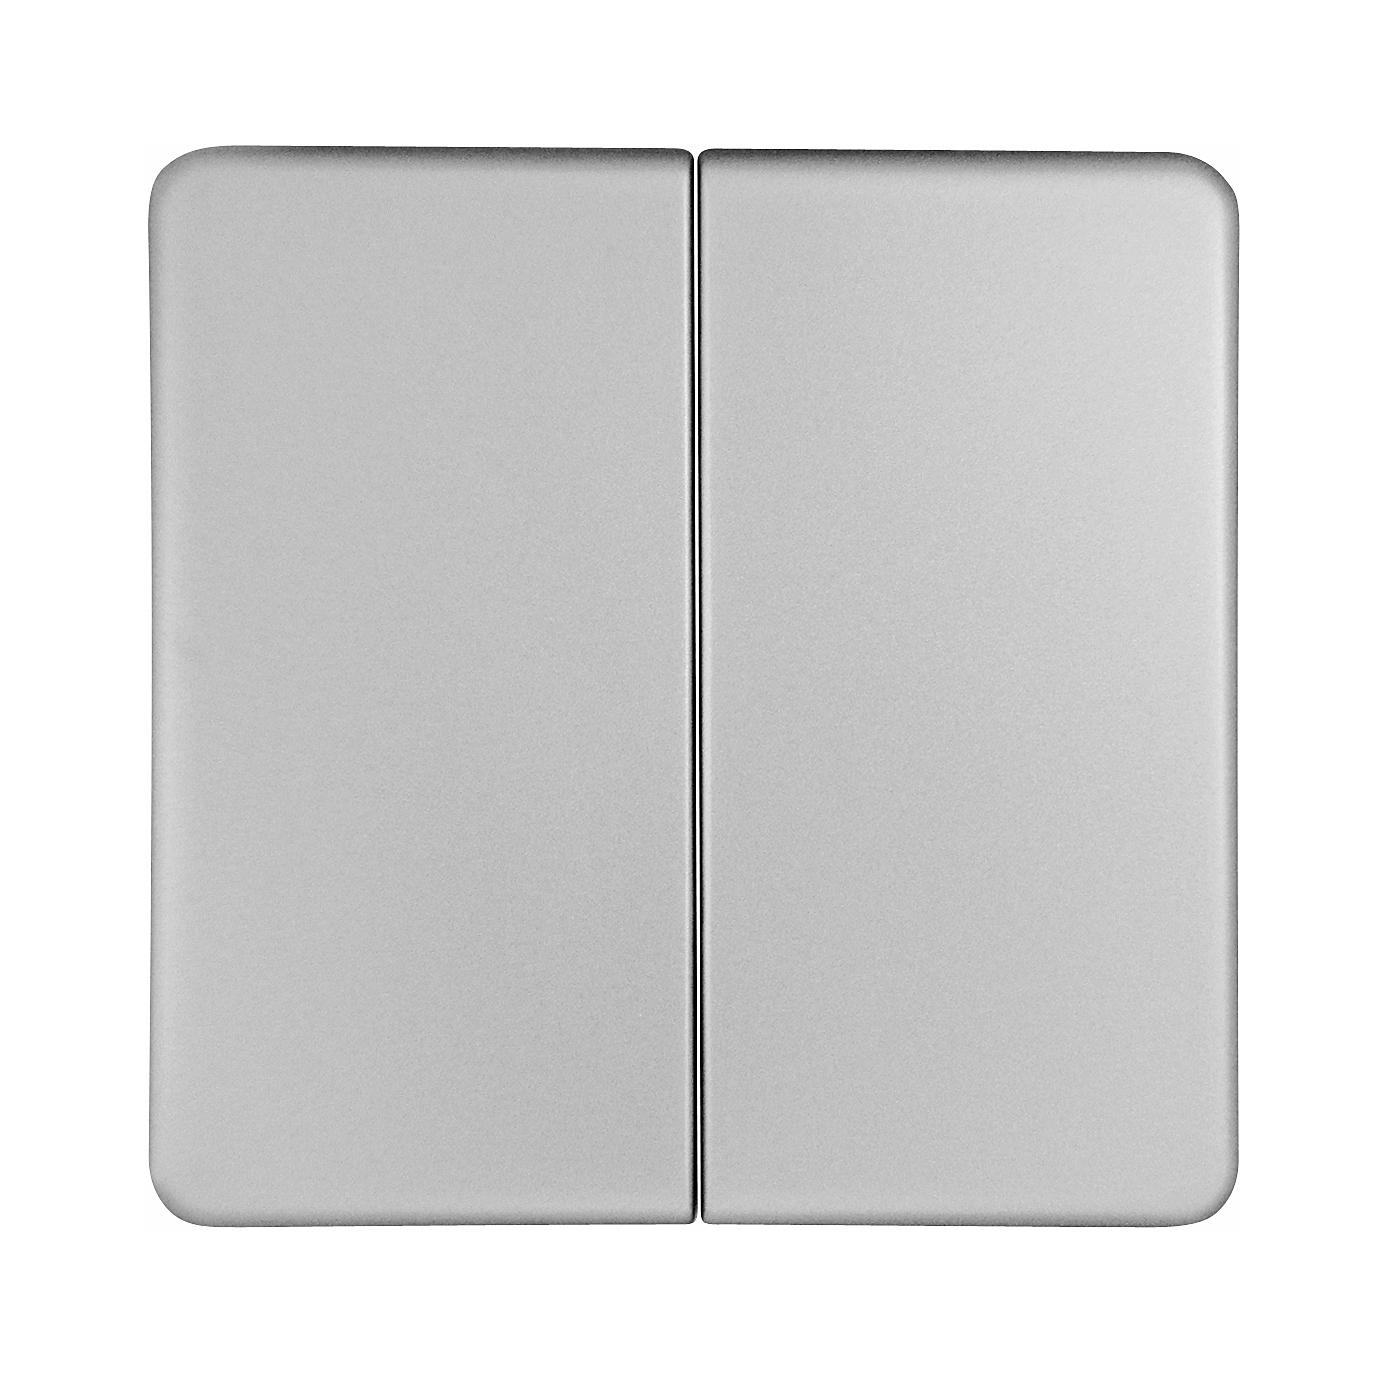 1 Stk Wippe für Serienschalter und Doppeltaster, Edelstahleffekt EL2135011-